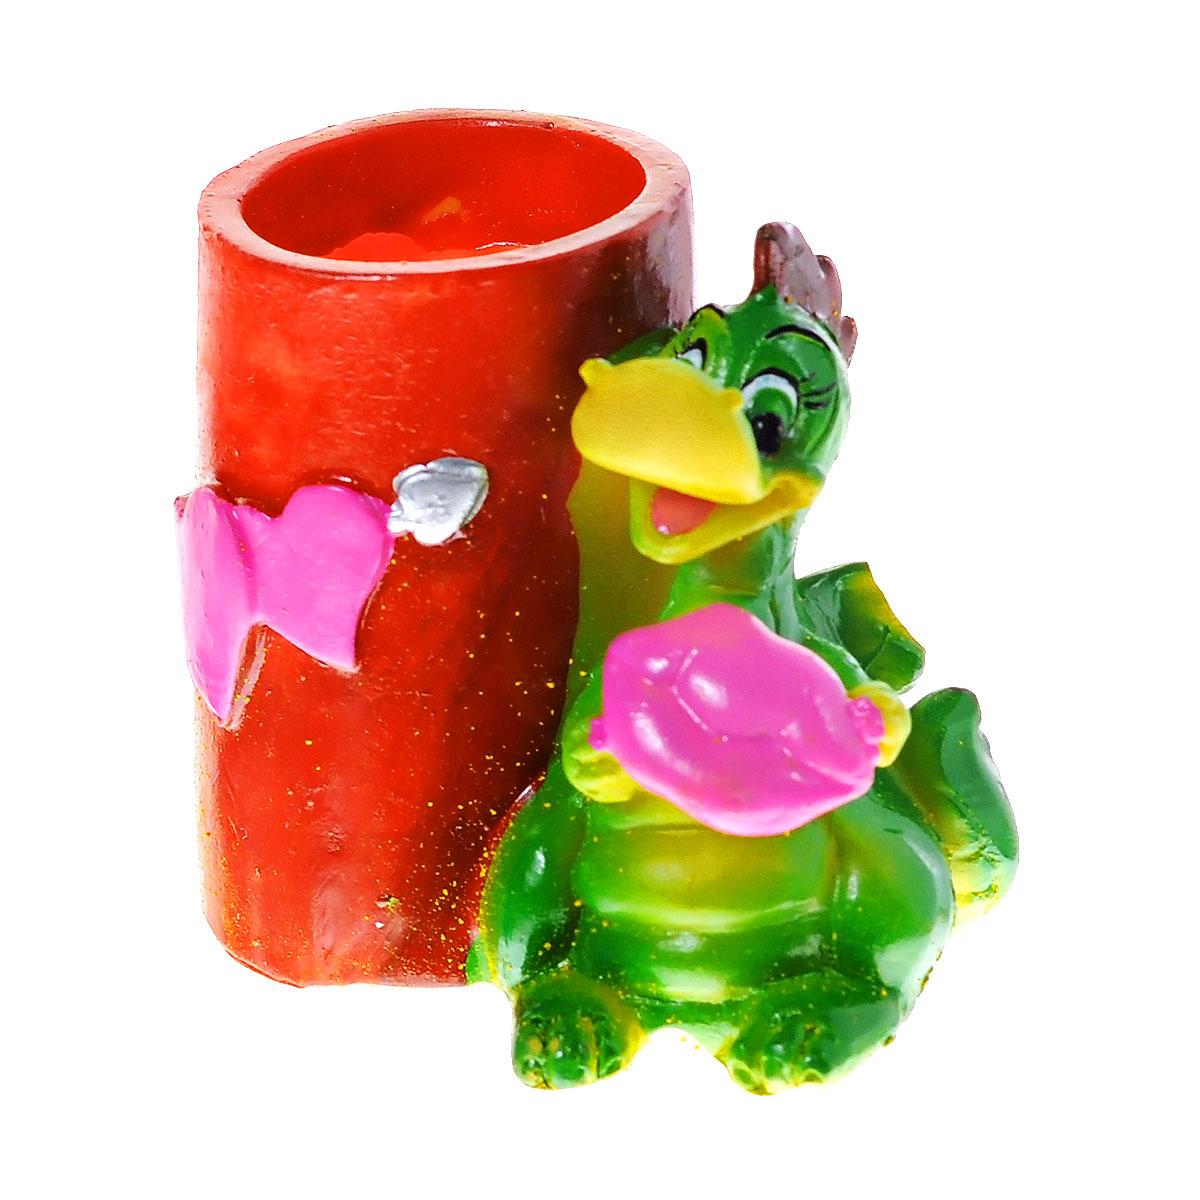 Подставка под зубочистки Lunten Ranta Влюбленный дракон, цвет: зеленый, красный. 5987359873Подставка под зубочистки Lunten Ranta Влюбленный дракон изготовлена из полирезины. Изделие выполнено в форме дракона и стаканчика под зубочистки. Такая подставка под зубочистки станет не только приятным подарком, но и практичным сувениром.